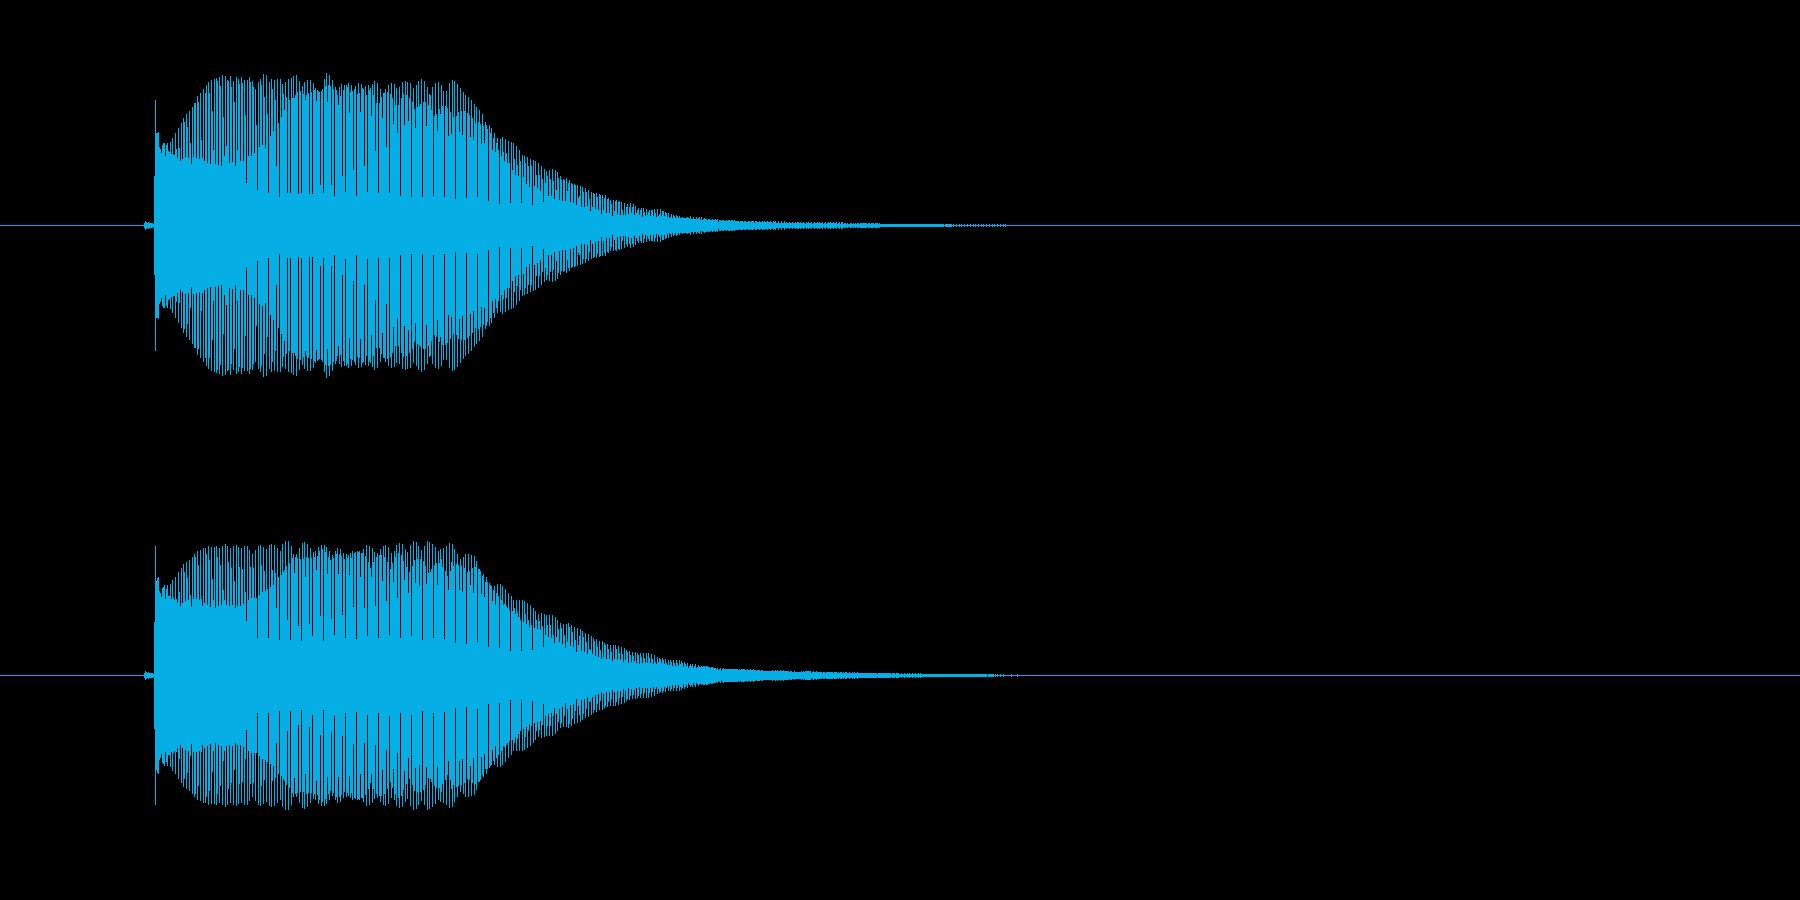 レトロなアナログシンセ音の再生済みの波形